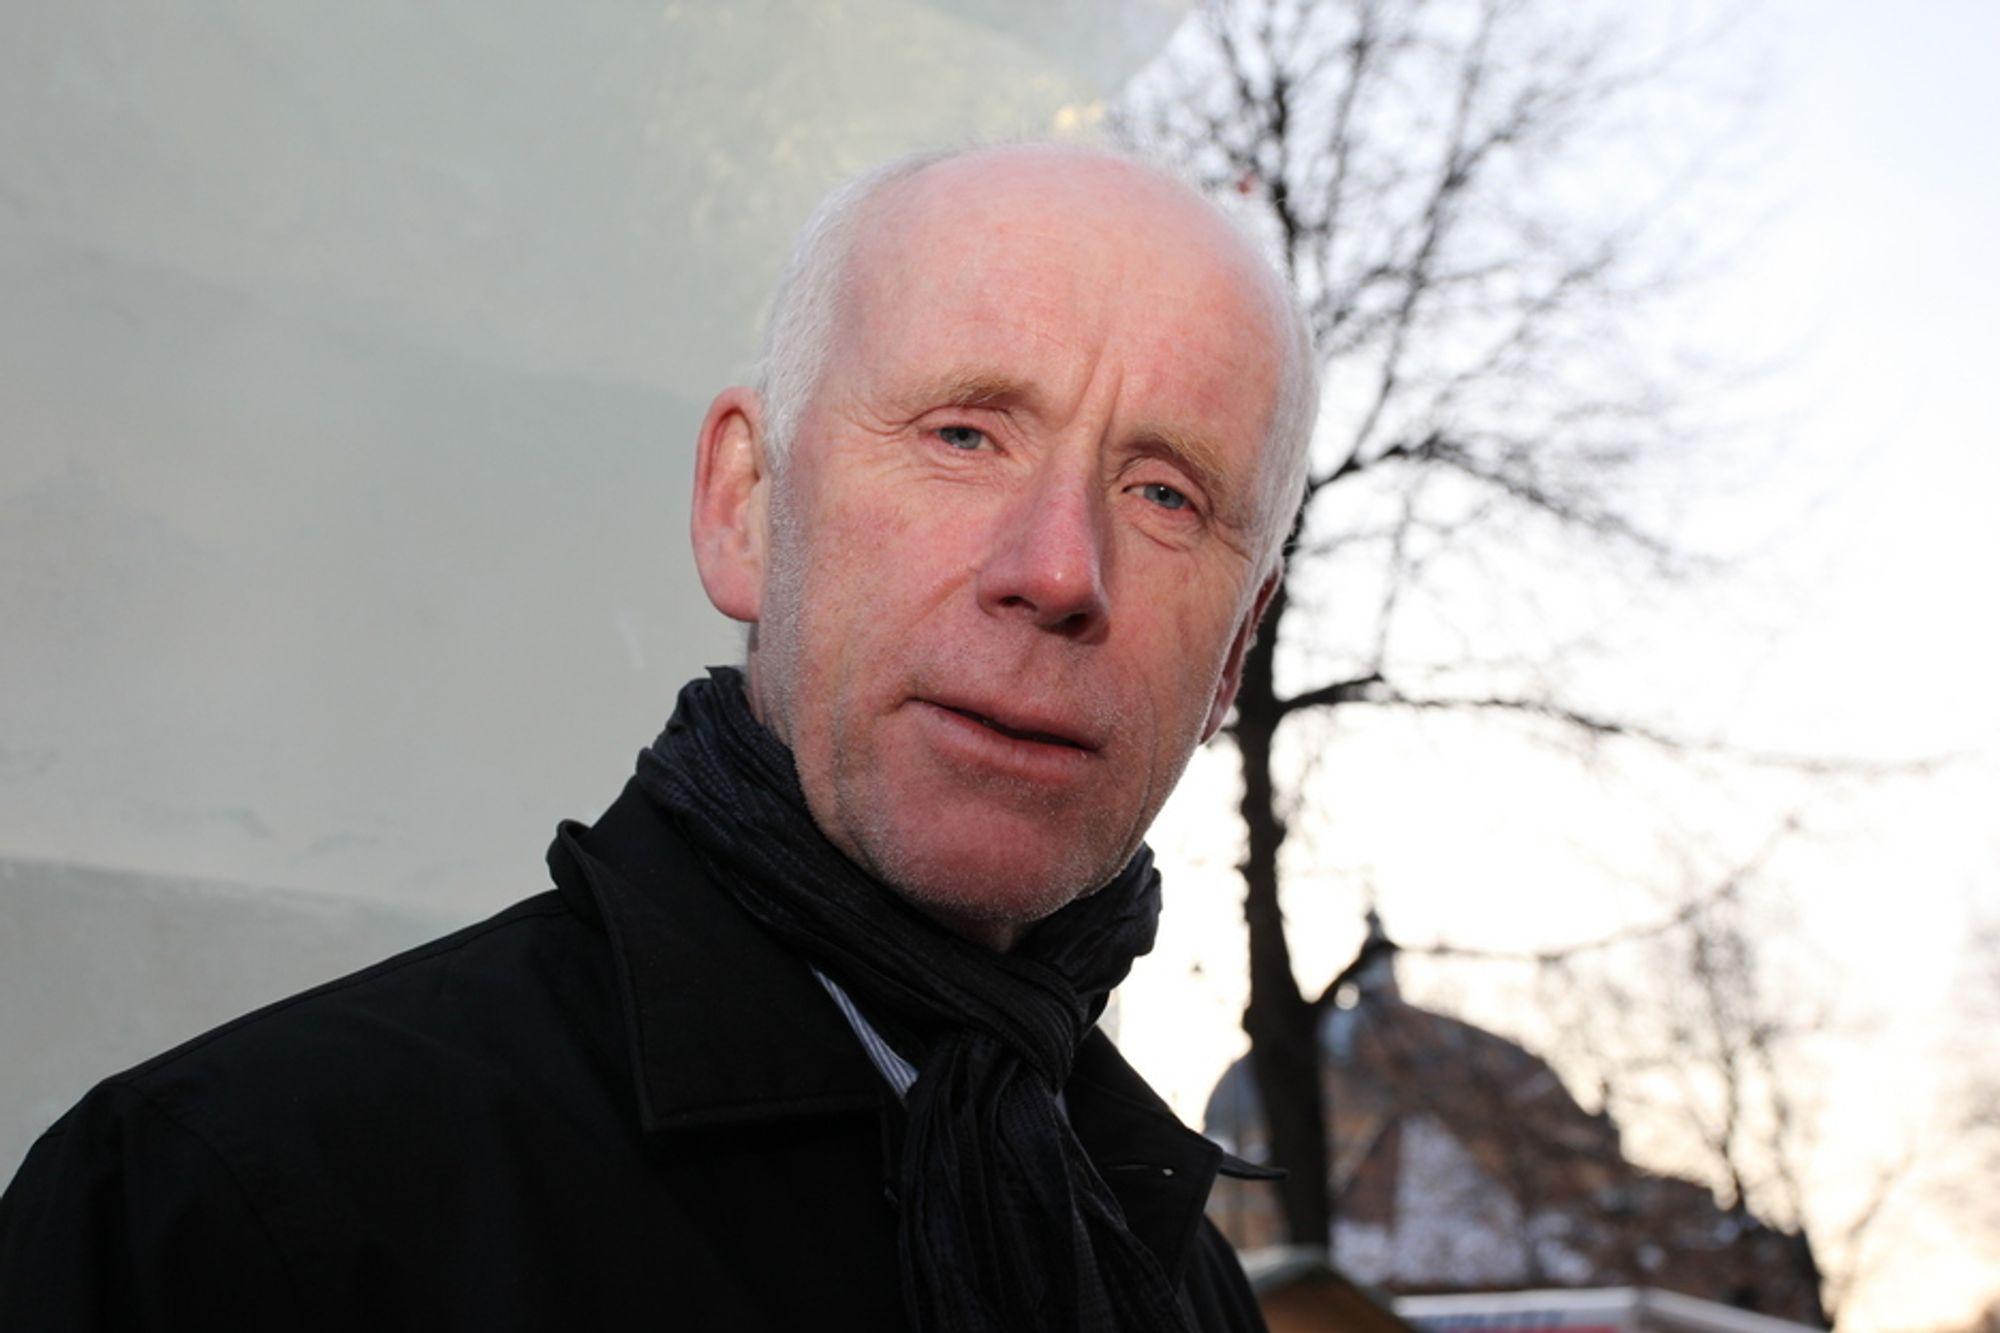 MER SMÅKRAFT: NVE vil styrke behandlingen av småkraftsaker, sier vassdrags- og energidirektør Per Sanderud.